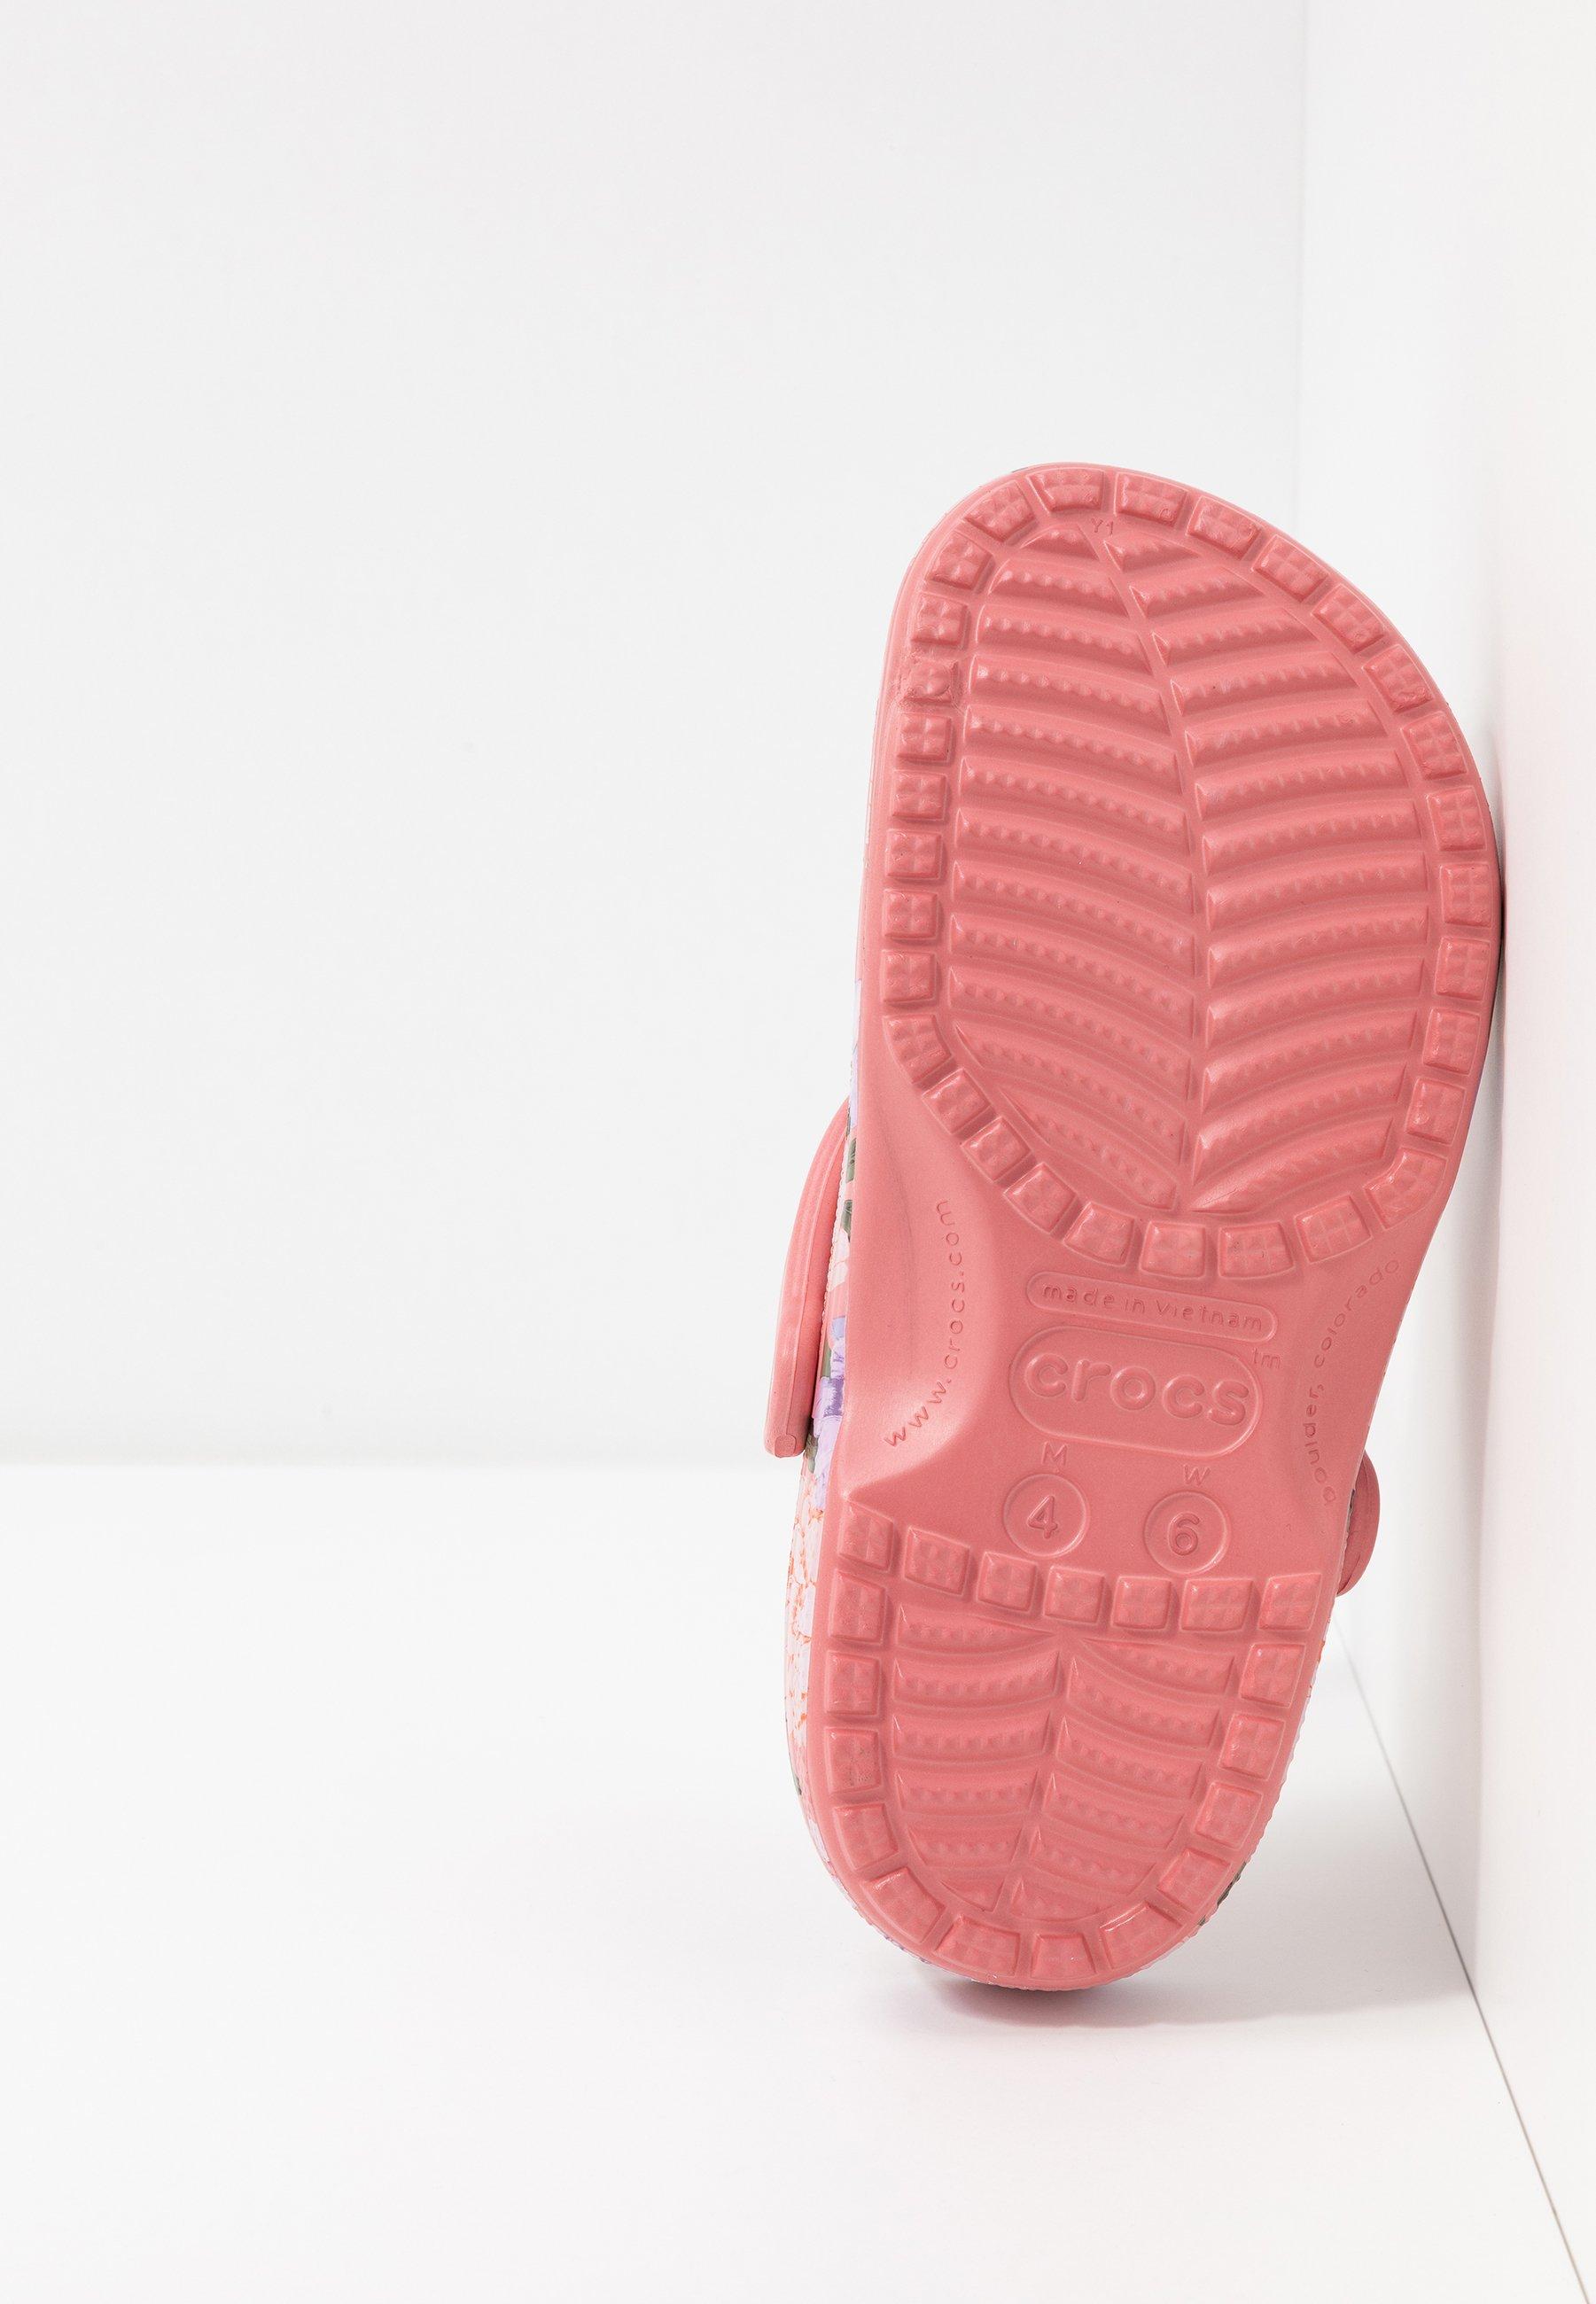 Crocs CLASSIC PRINTED FLORAL - Tofflor & inneskor - blossom